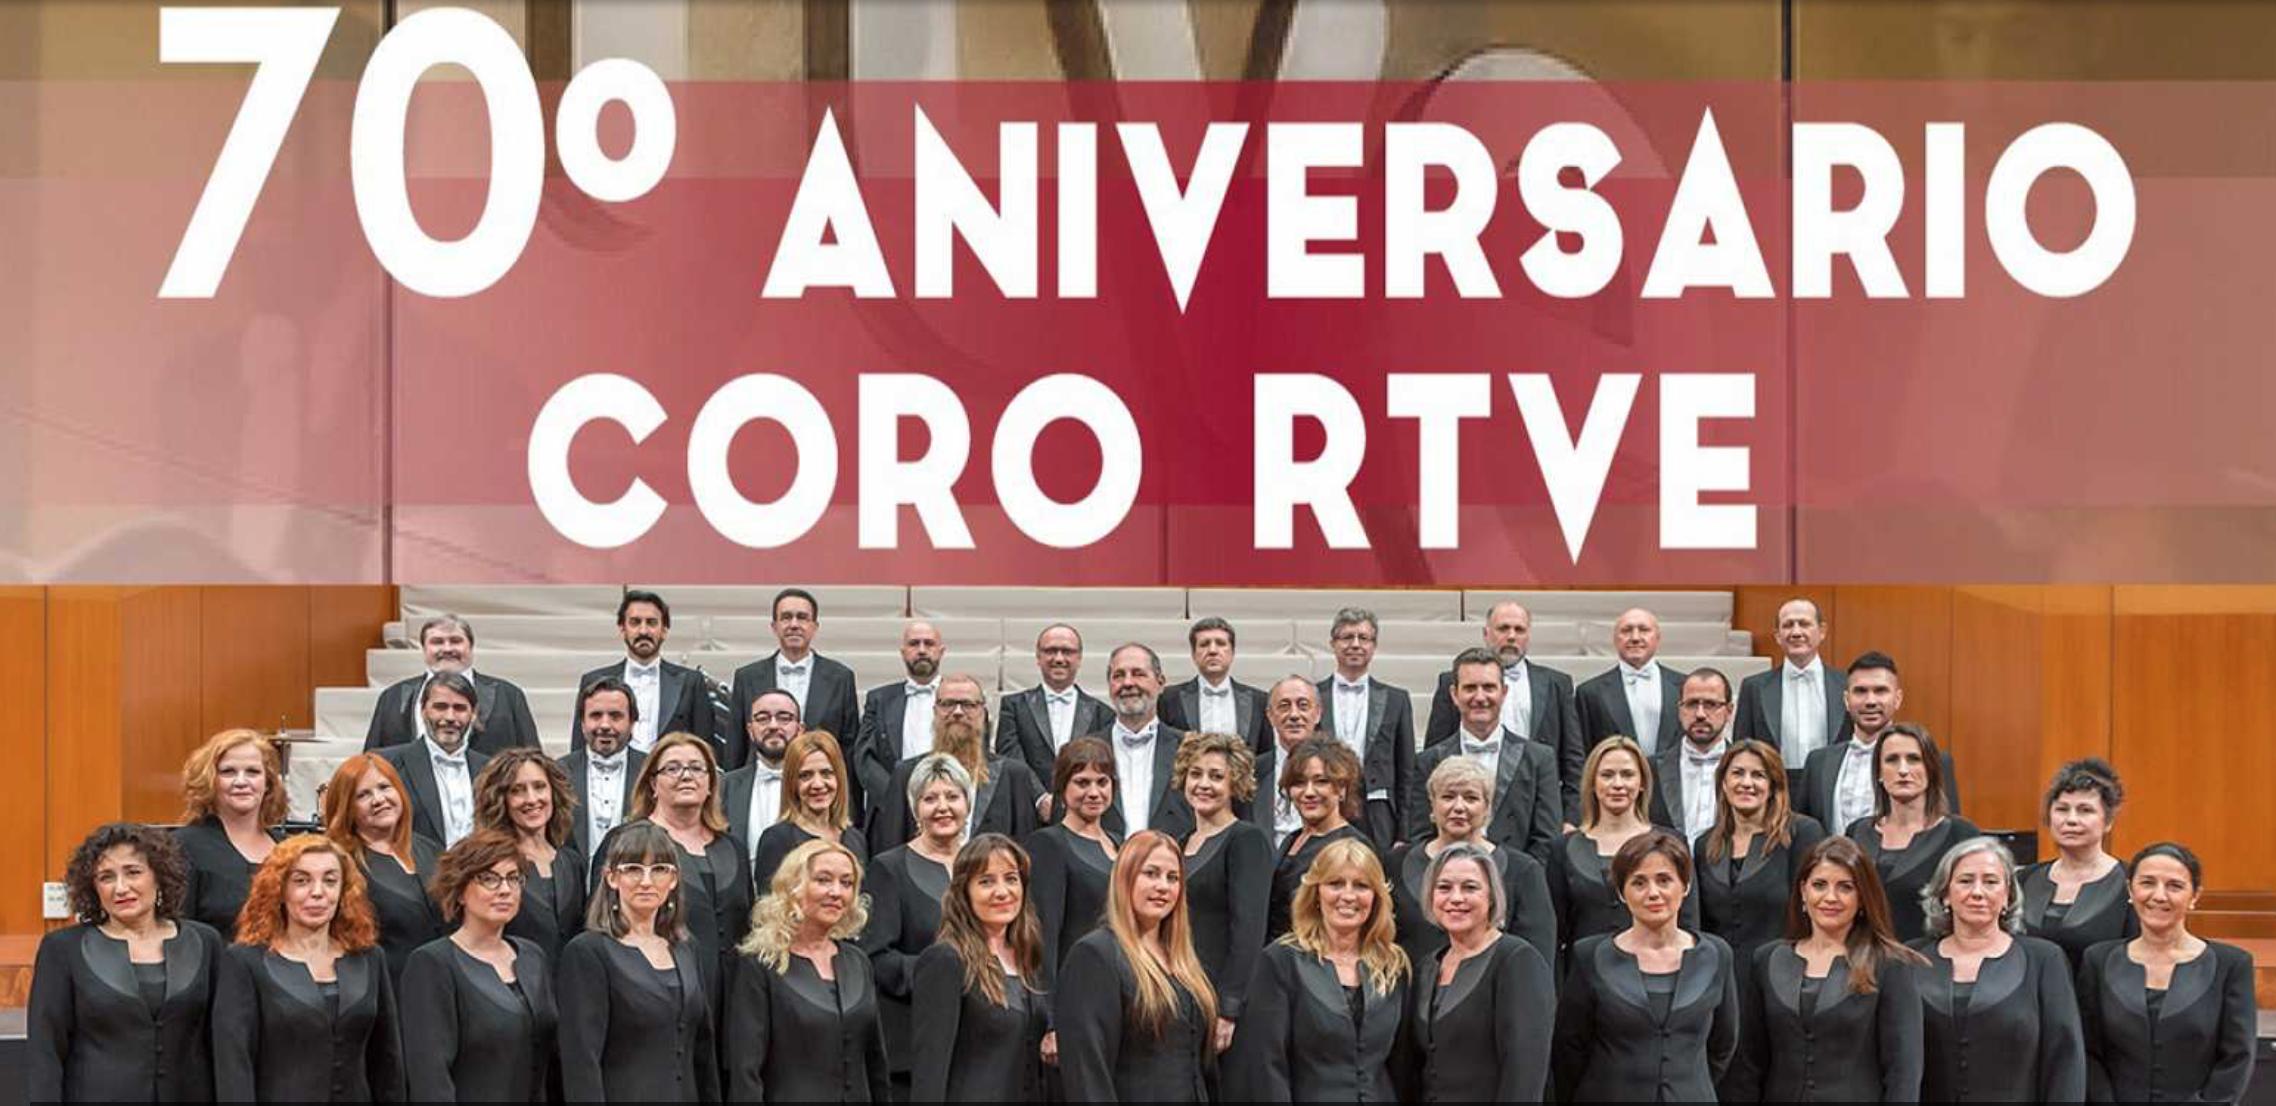 El Coro RTVE celebró este jueves su 70º aniversario